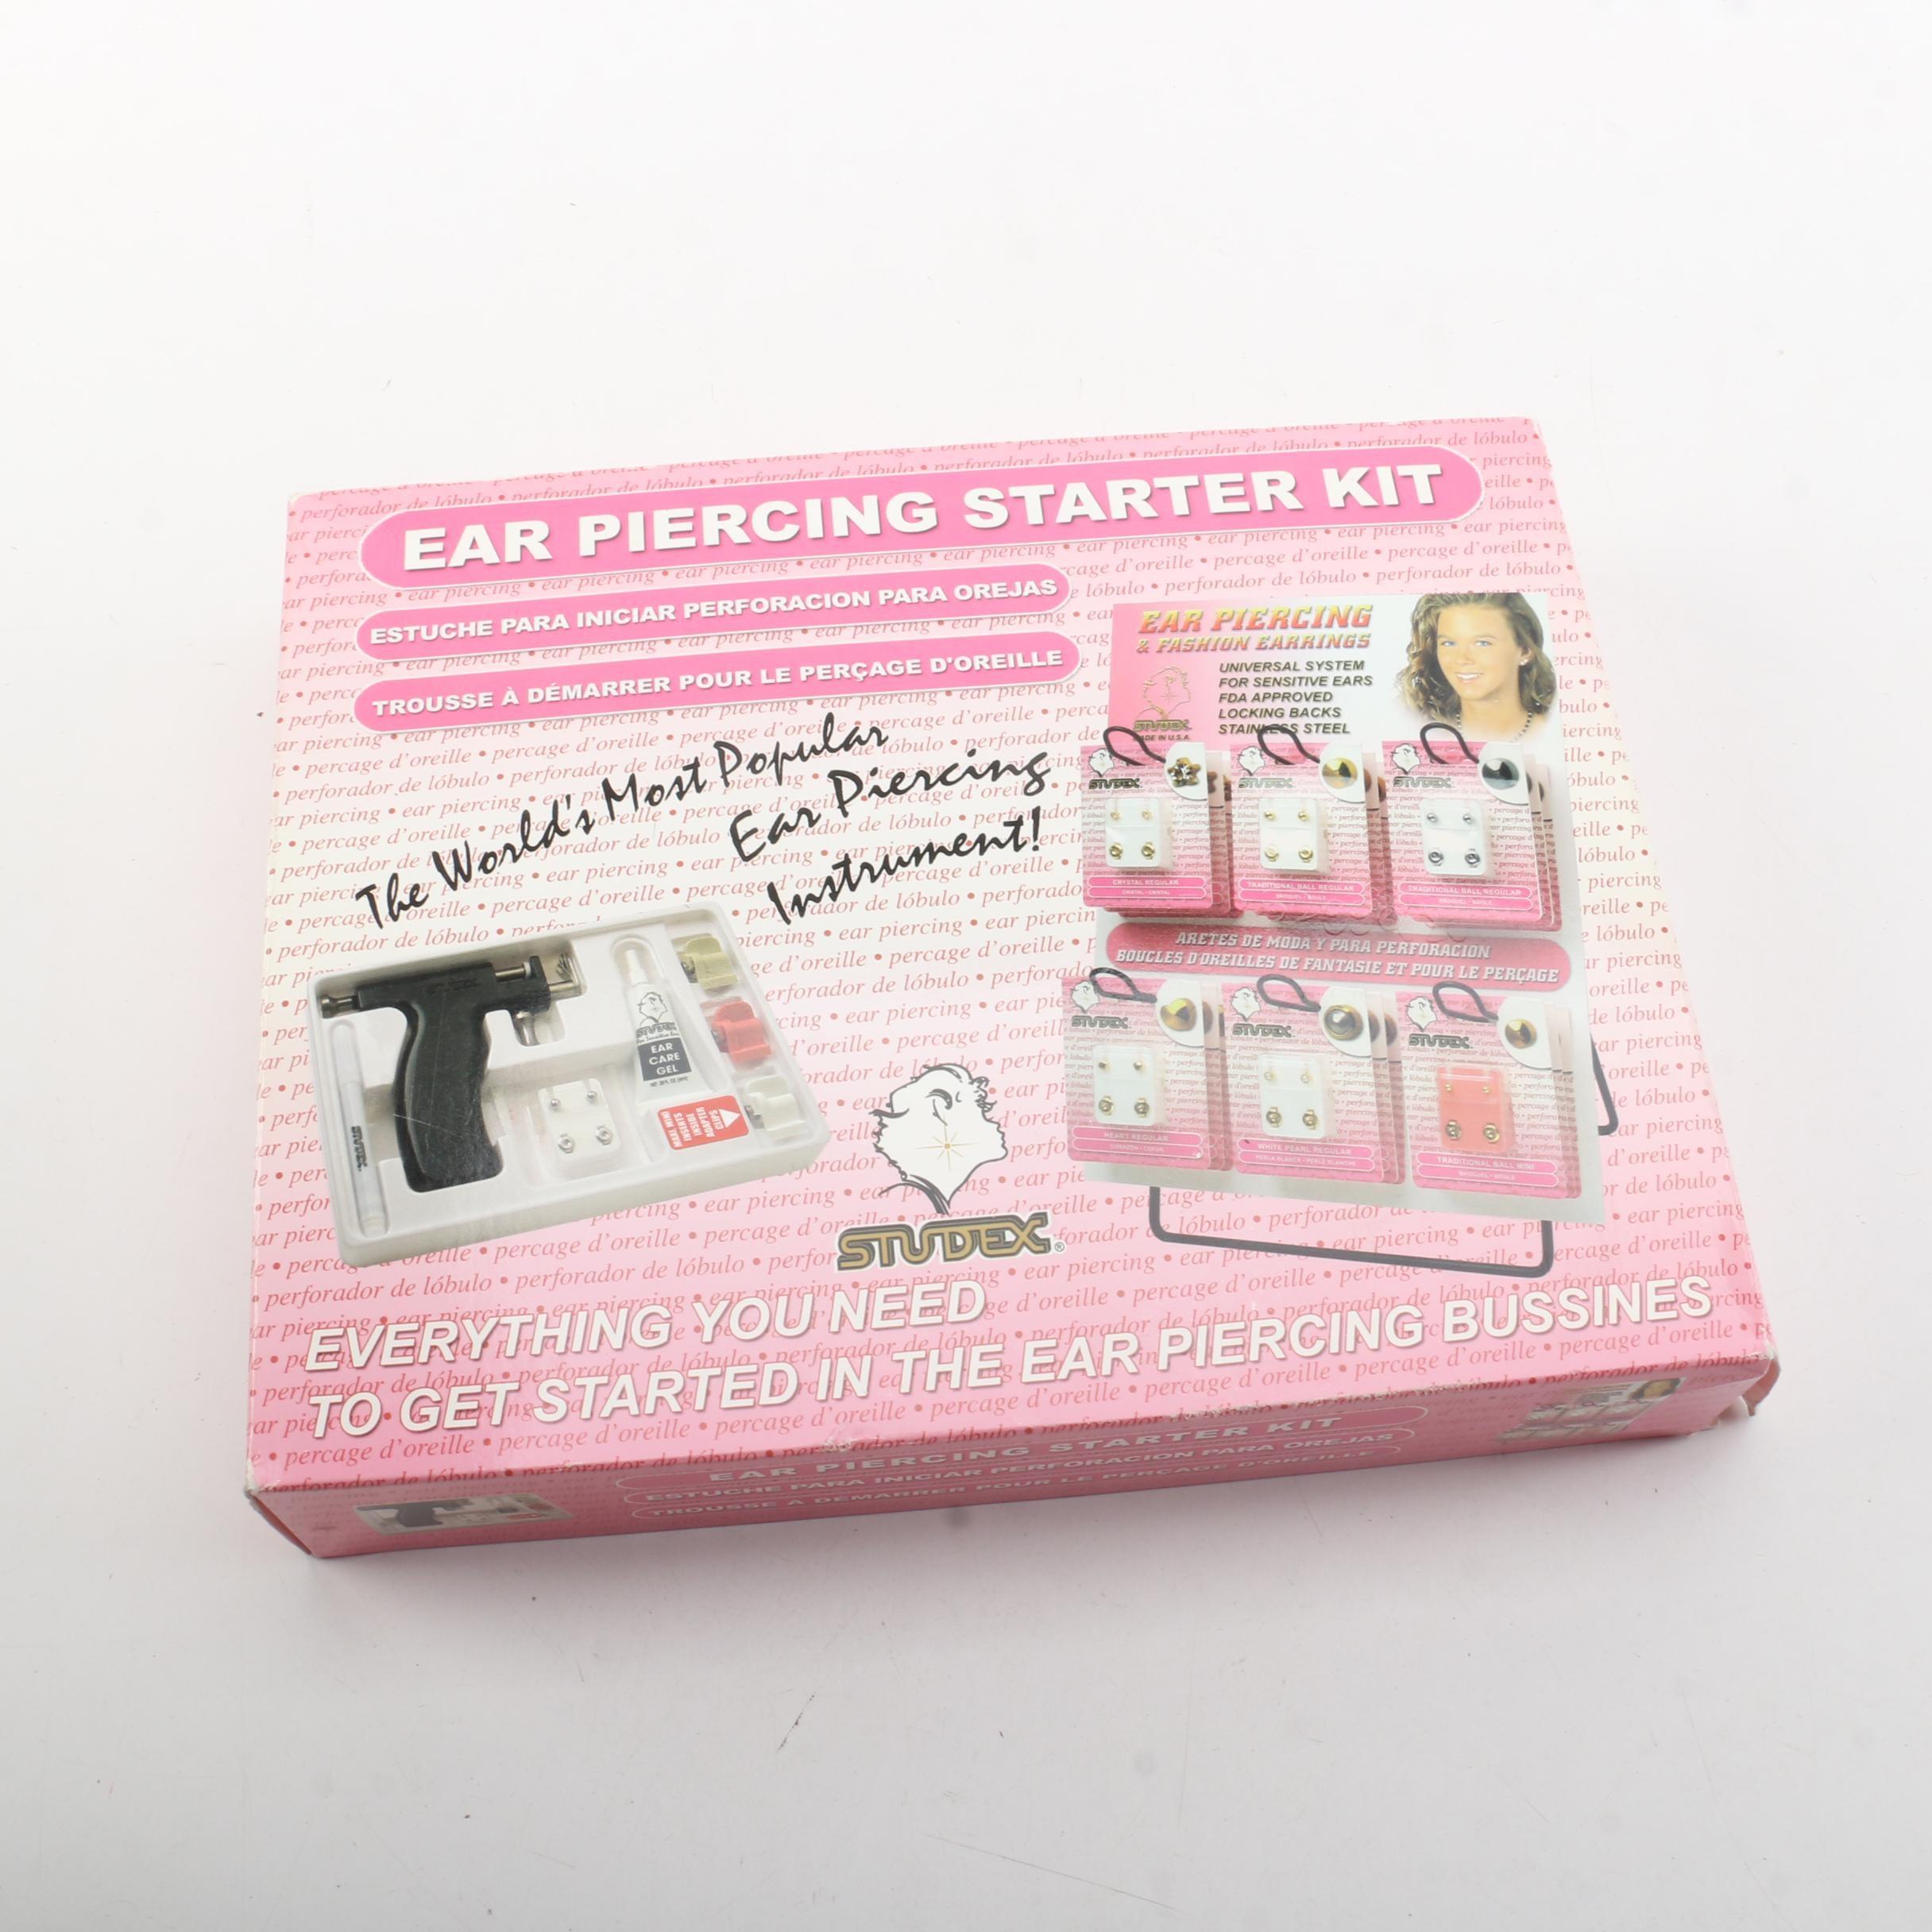 Studex Universal Ear Piercing Starter Kit